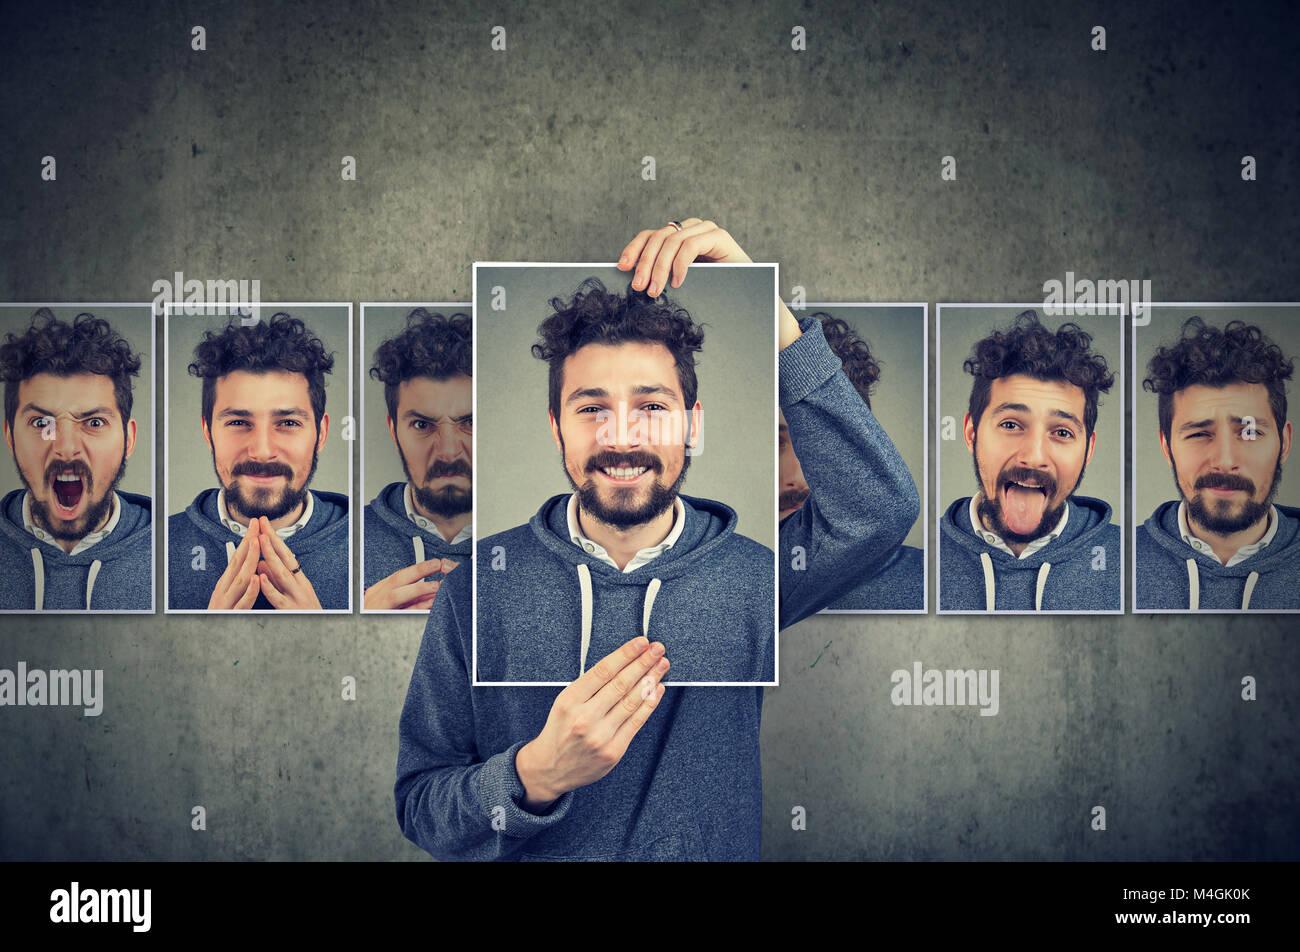 Jeune homme masqué positive dans les verres exprimant différentes émotions Photo Stock